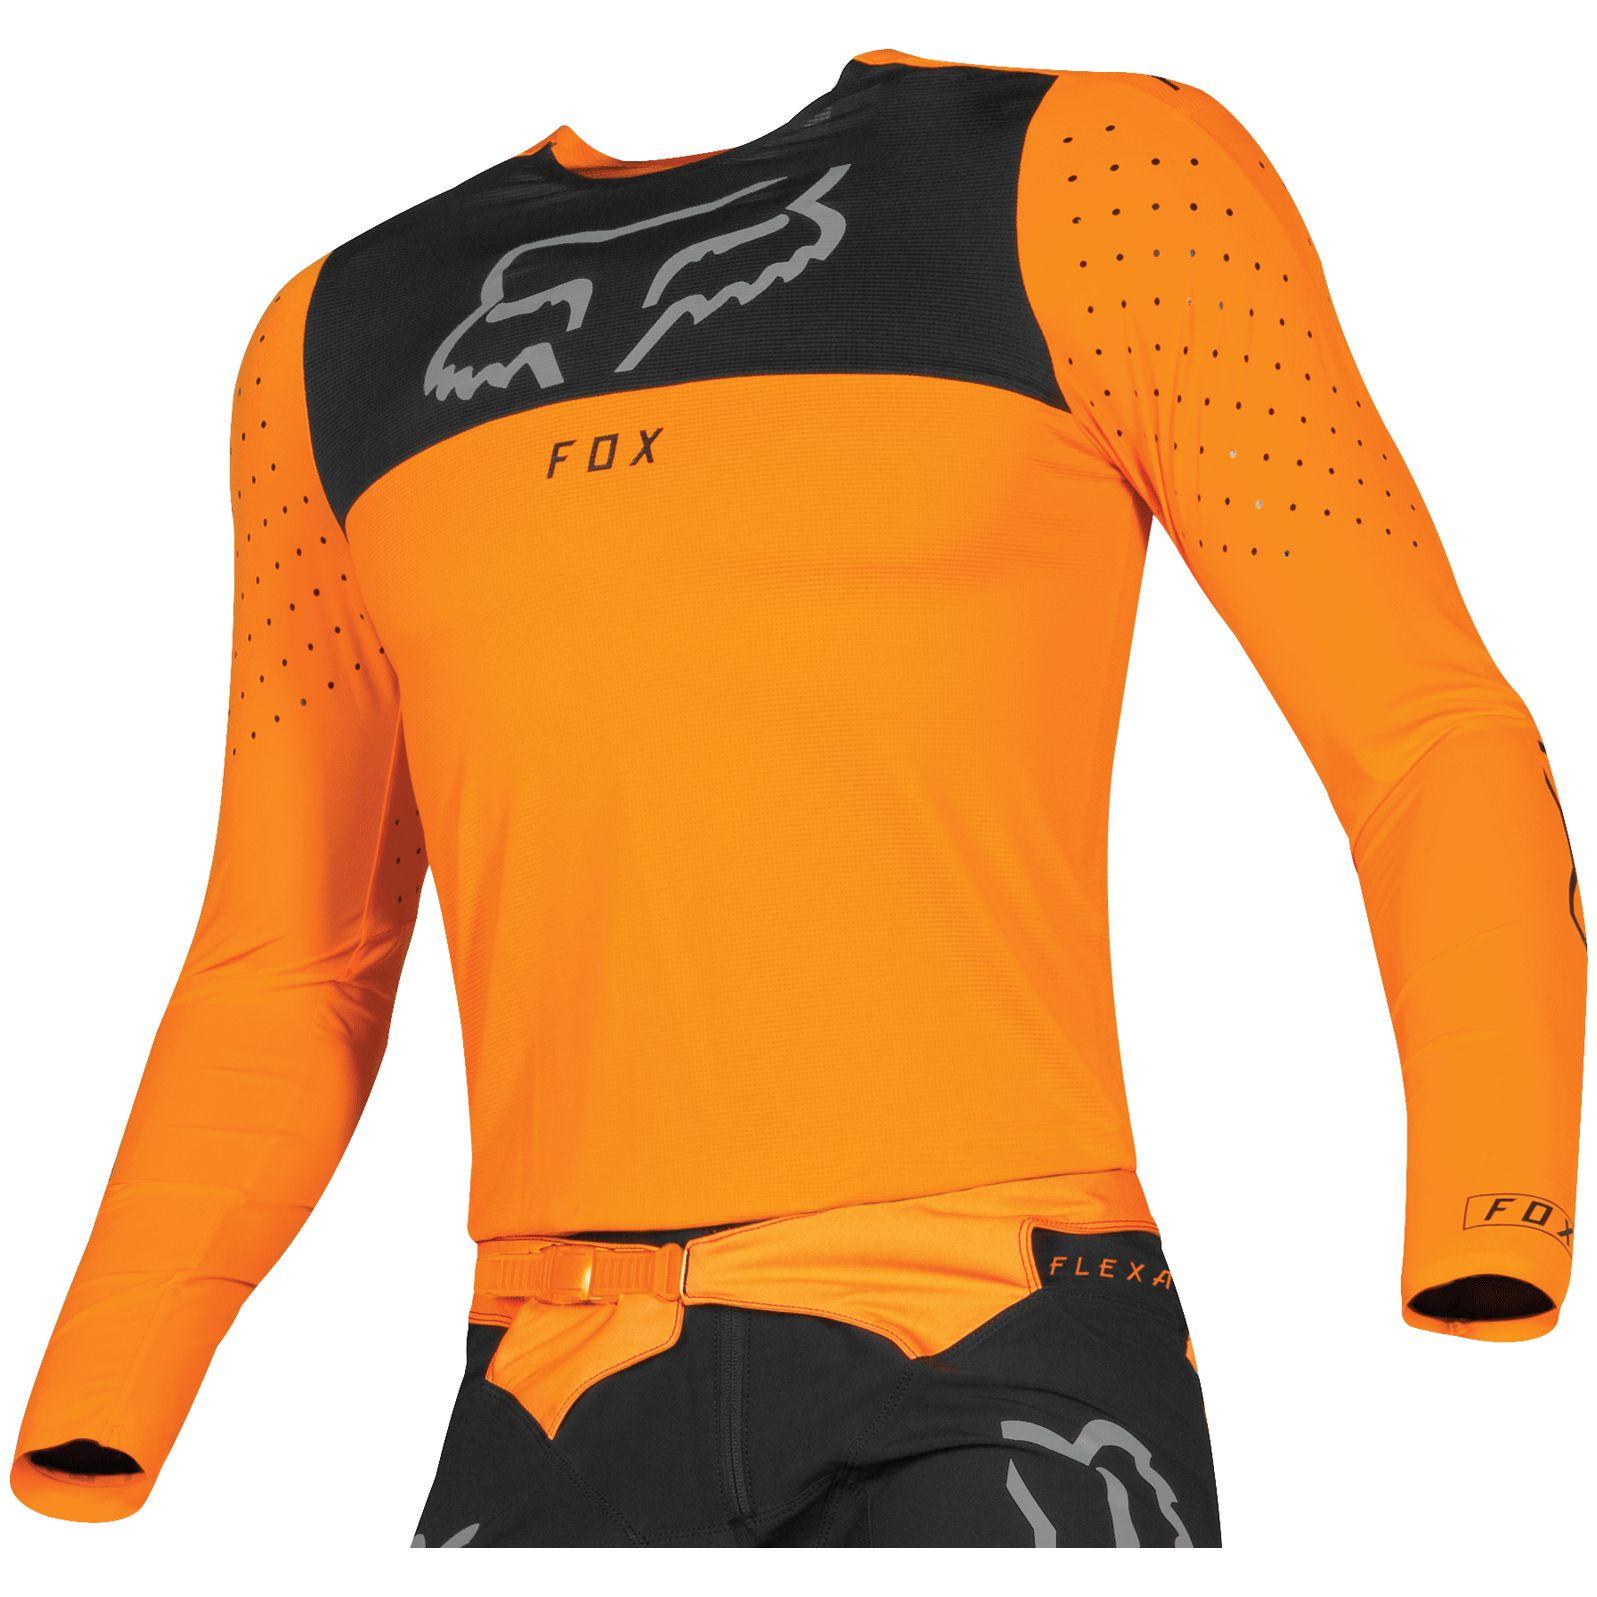 Camiseta De Motocross Fox Destockage Flexair Royl Orange Flame 2019 Motoblouz Es